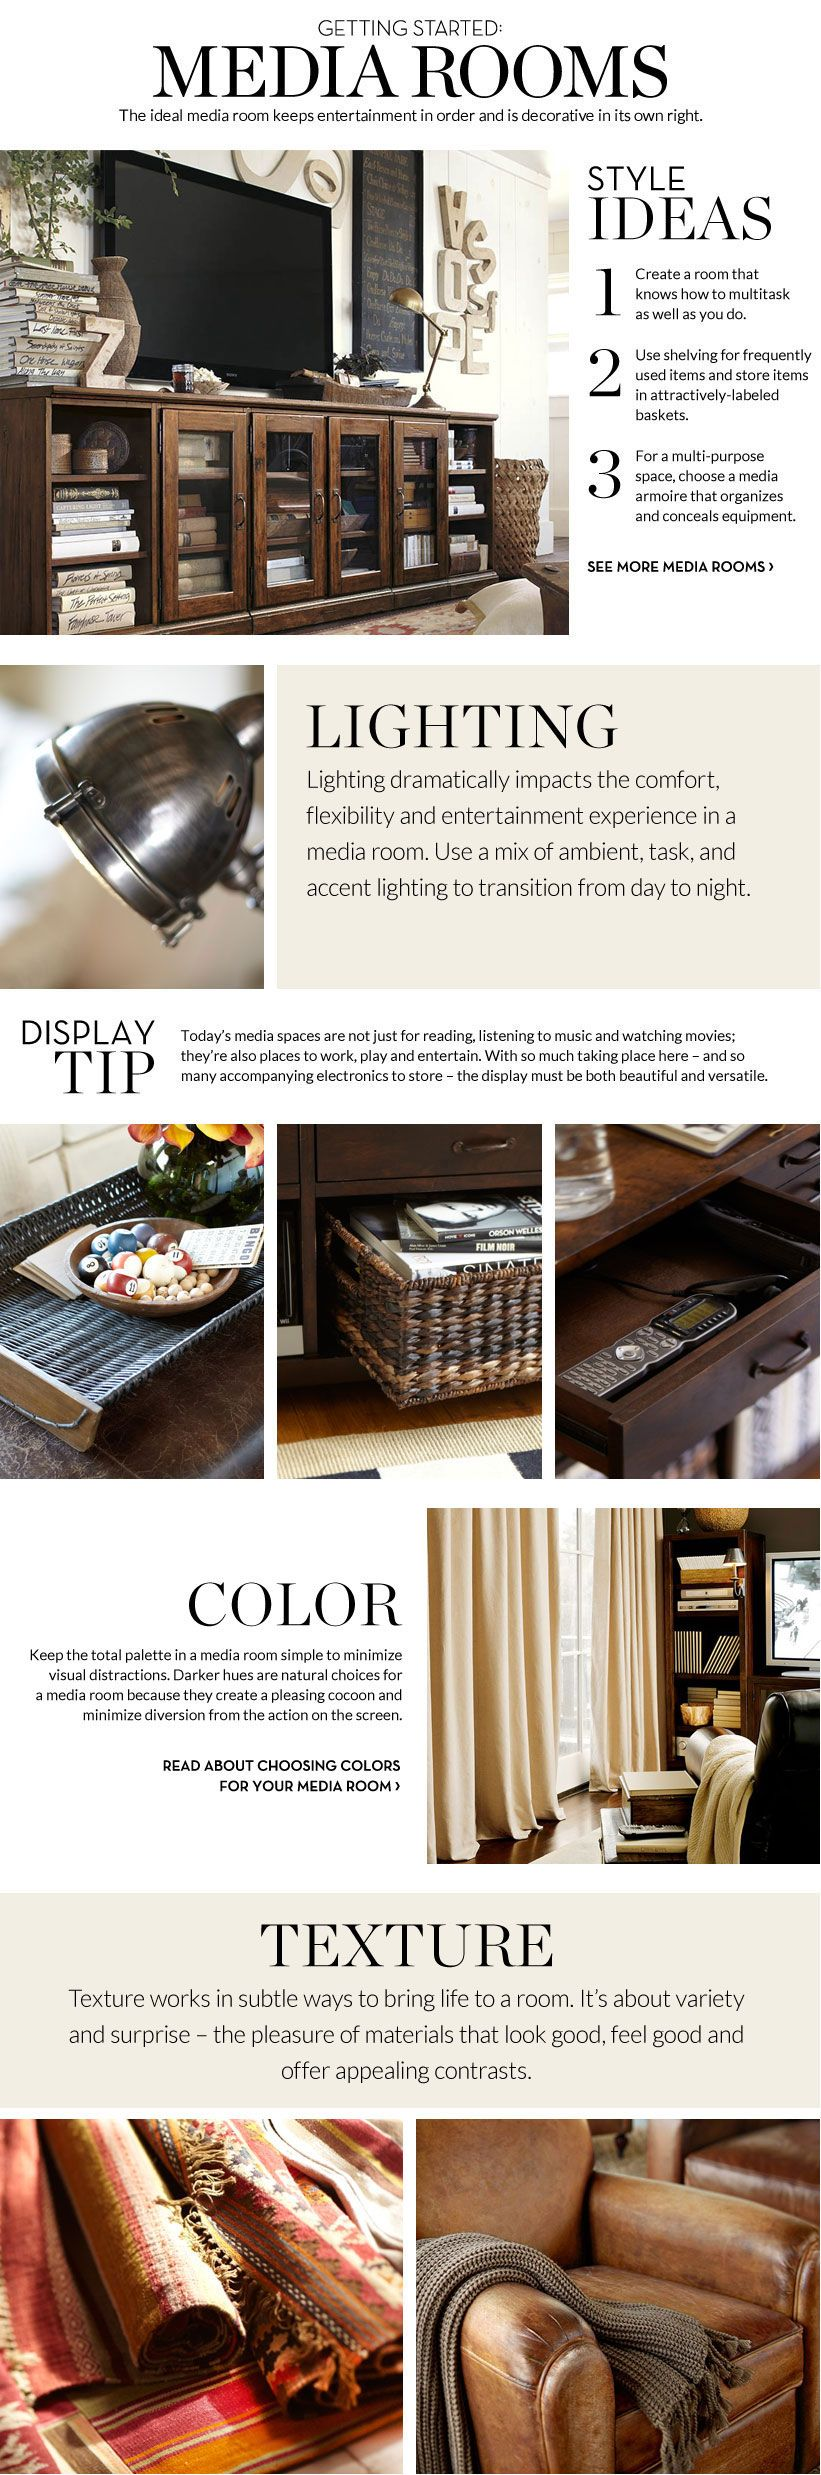 Media Room Decorating Ideas U0026 Media Room Inspiration | Pottery Barn